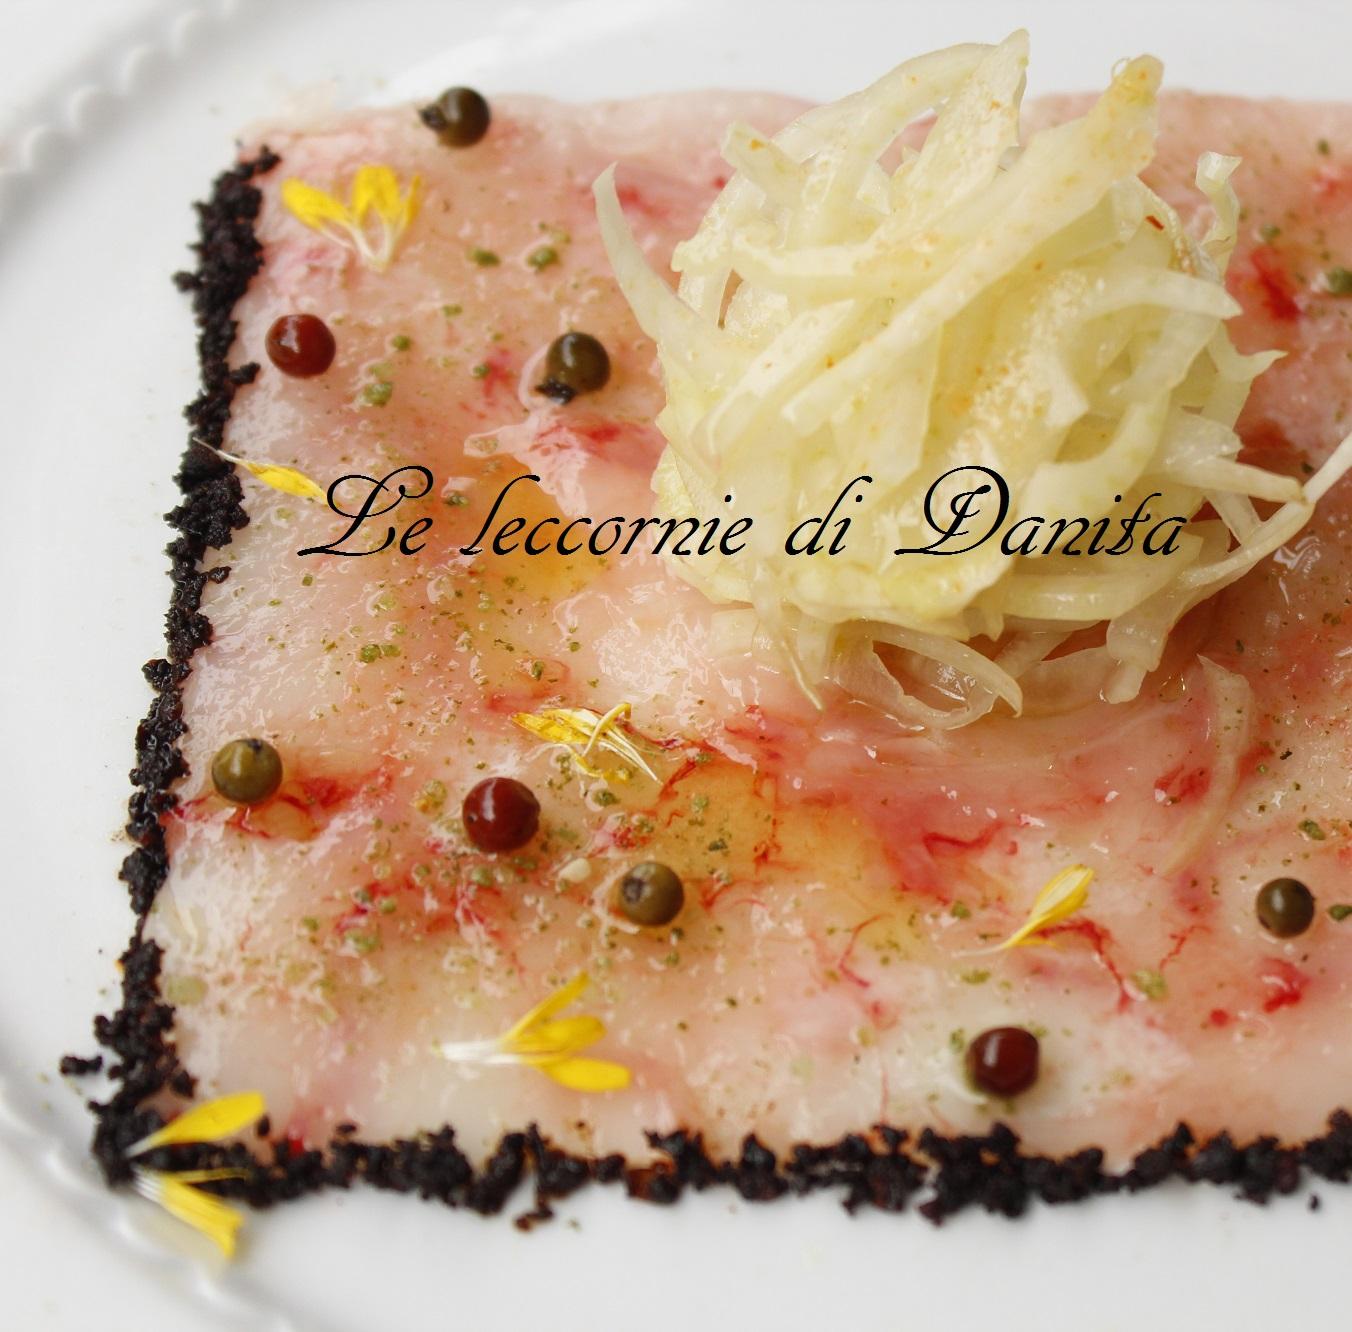 Ricette primi di pesce gambero rosso ricette popolari for Ricette gambero rosso